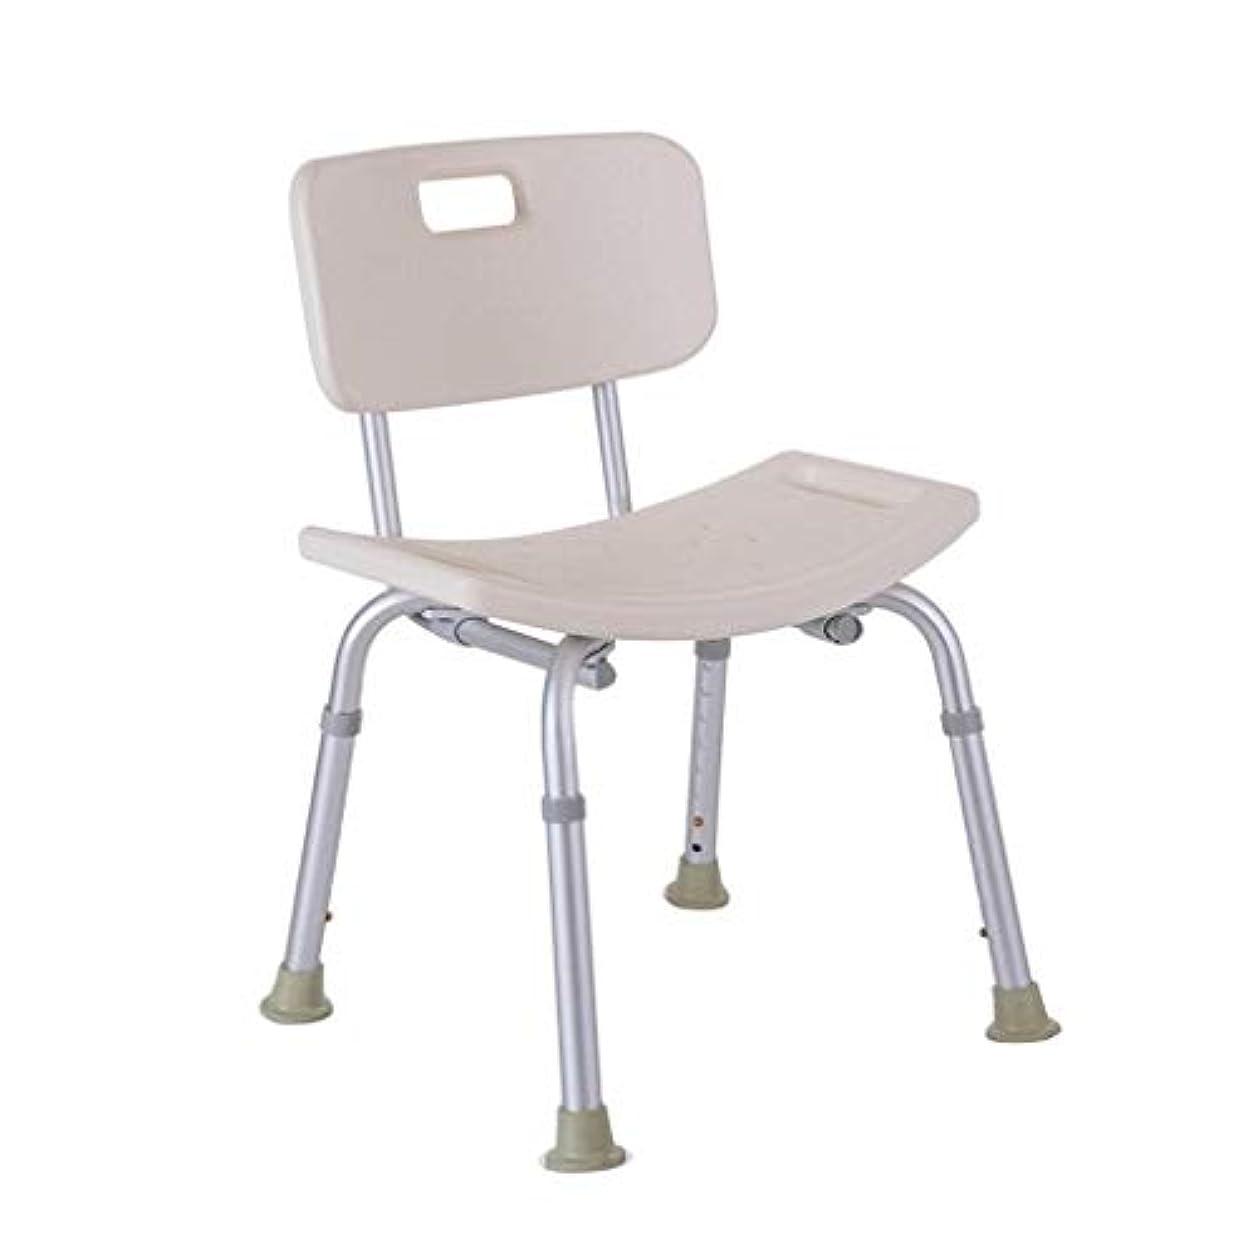 従順スイ谷お風呂の椅子、背もたれ付き調節可能な高さ